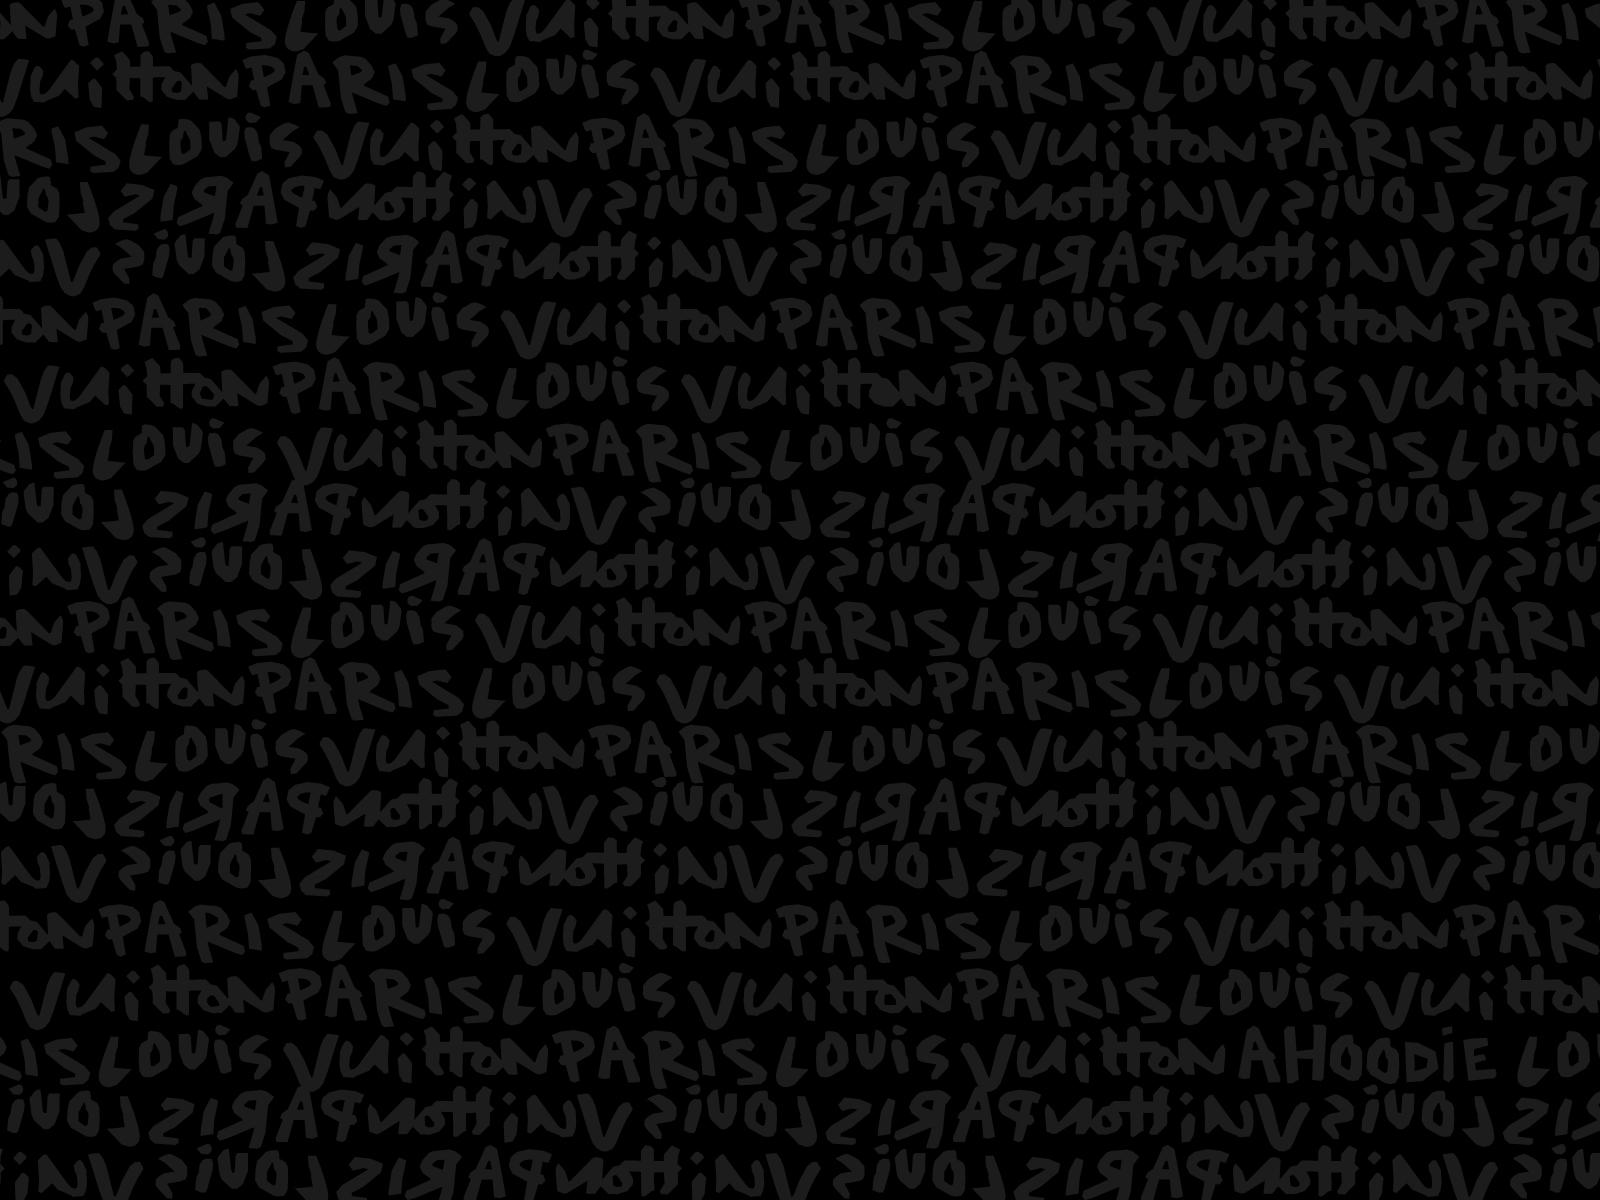 http://2.bp.blogspot.com/_BTAdAbwGW6k/TLsjCFkqSgI/AAAAAAAAAaY/-40CPGrzJFM/s1600/louis_vuitton_stephen_sprouse_logo_font_wallpaper_background_ahoodie4.jpg